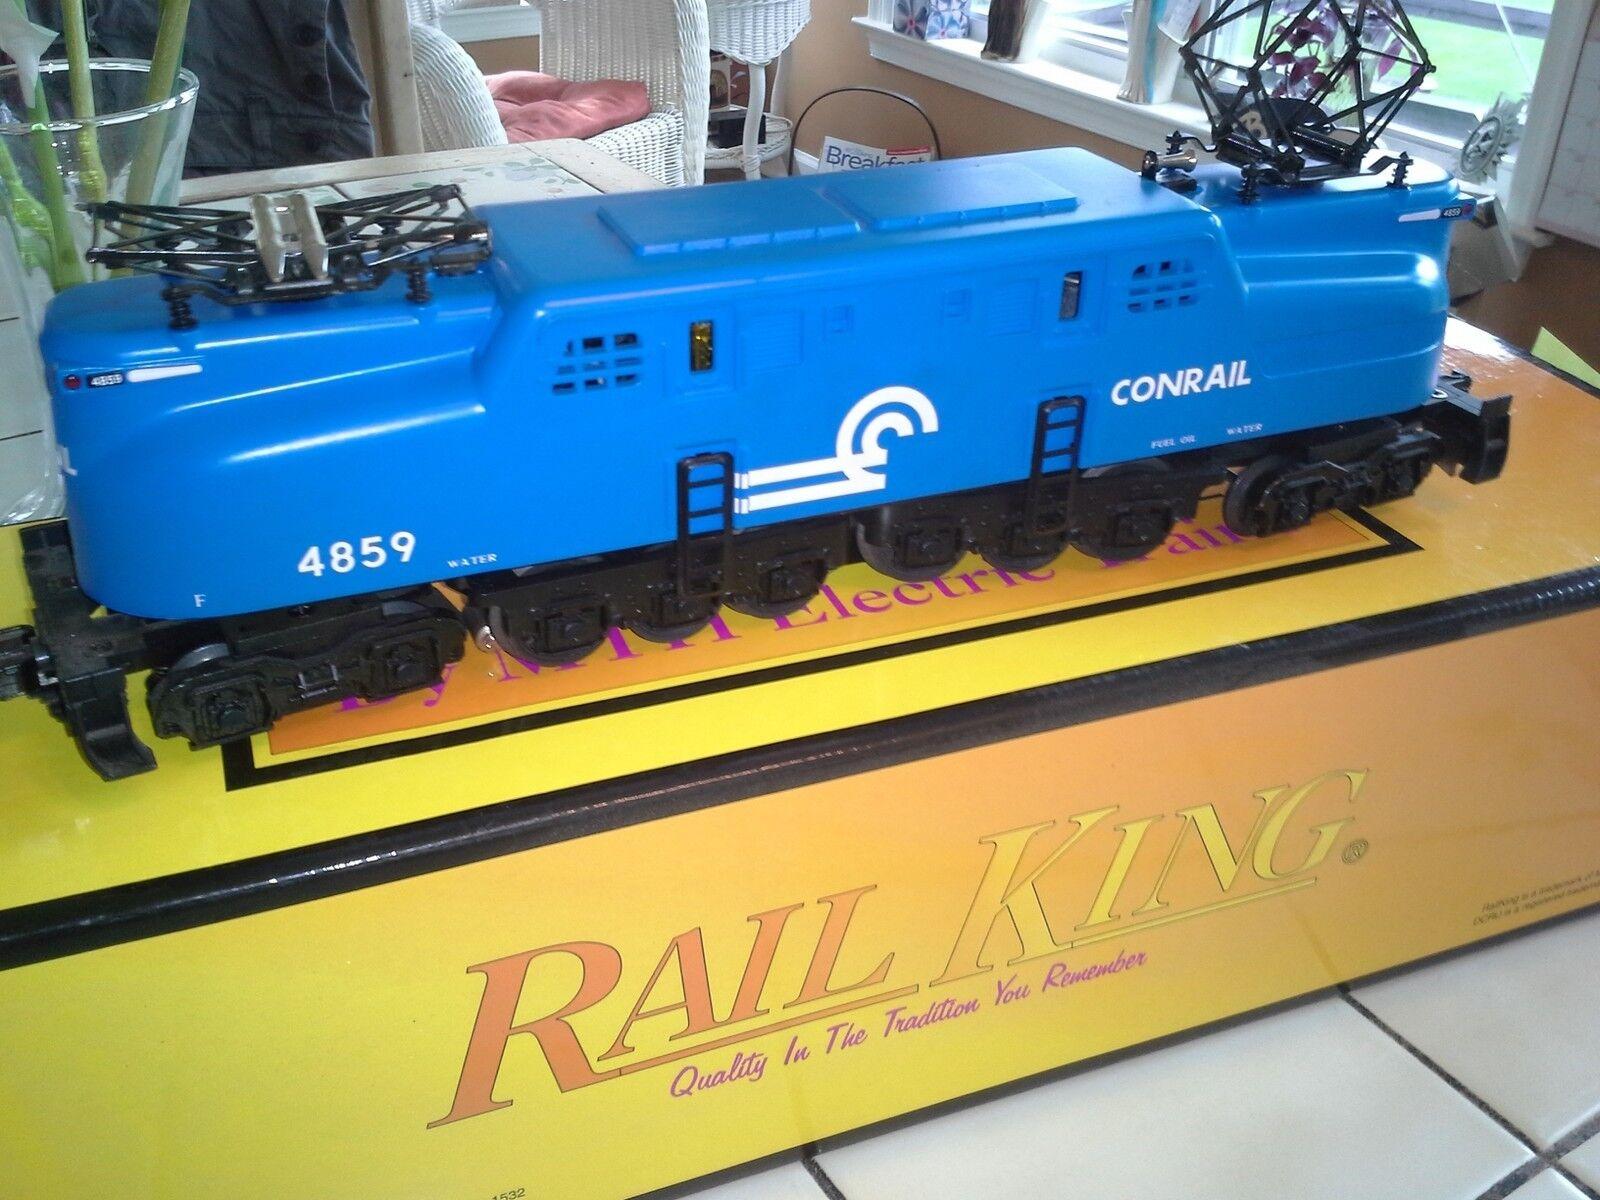 MTH Railking 30-2516-1 Conrail GG-1 con protosound 2.